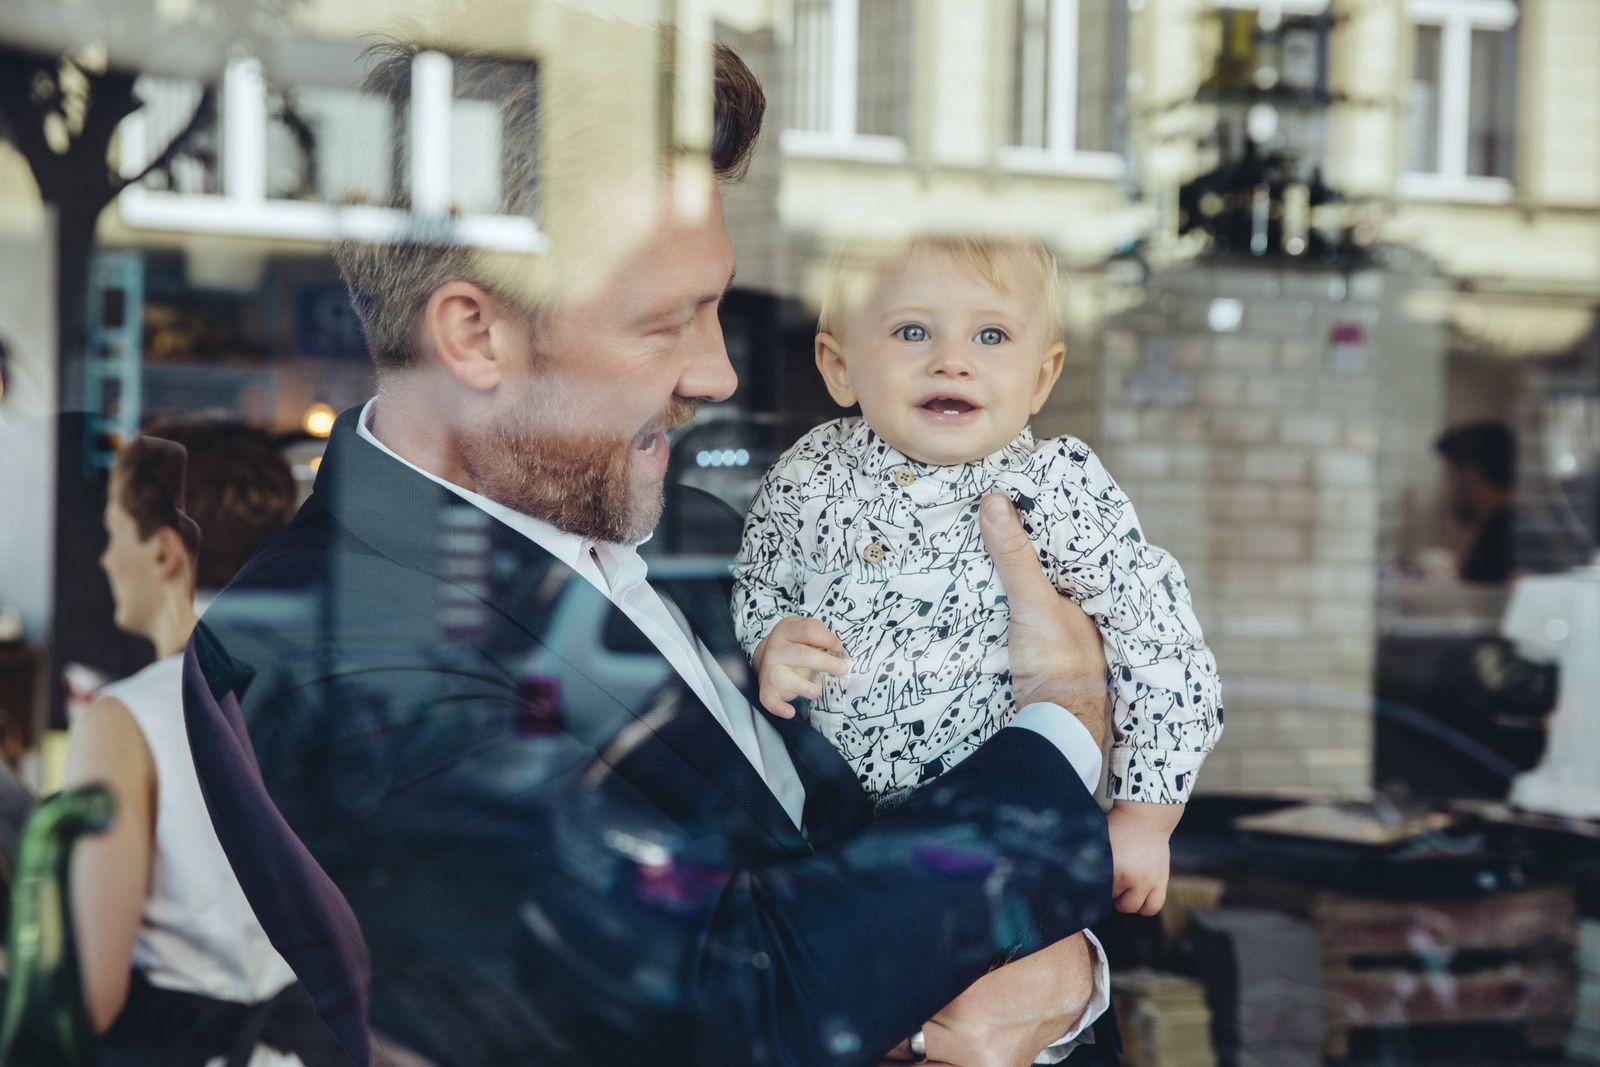 Manager / Geschäftsmann / Baby / Kleinkind